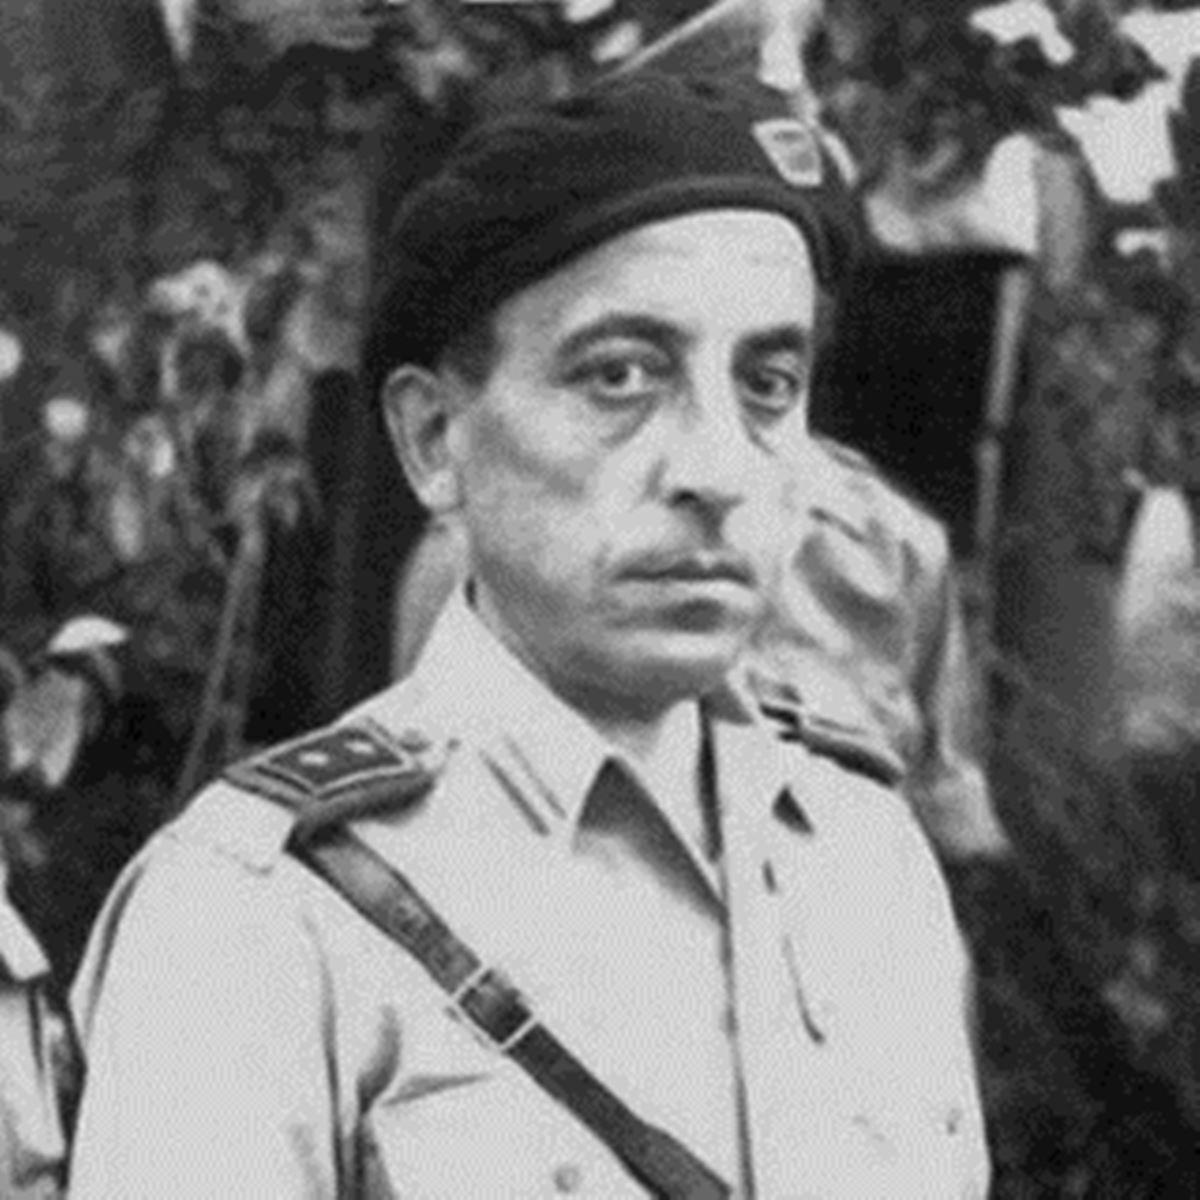 L'anniversario della liberazione d'Italia in Abruzzo foto